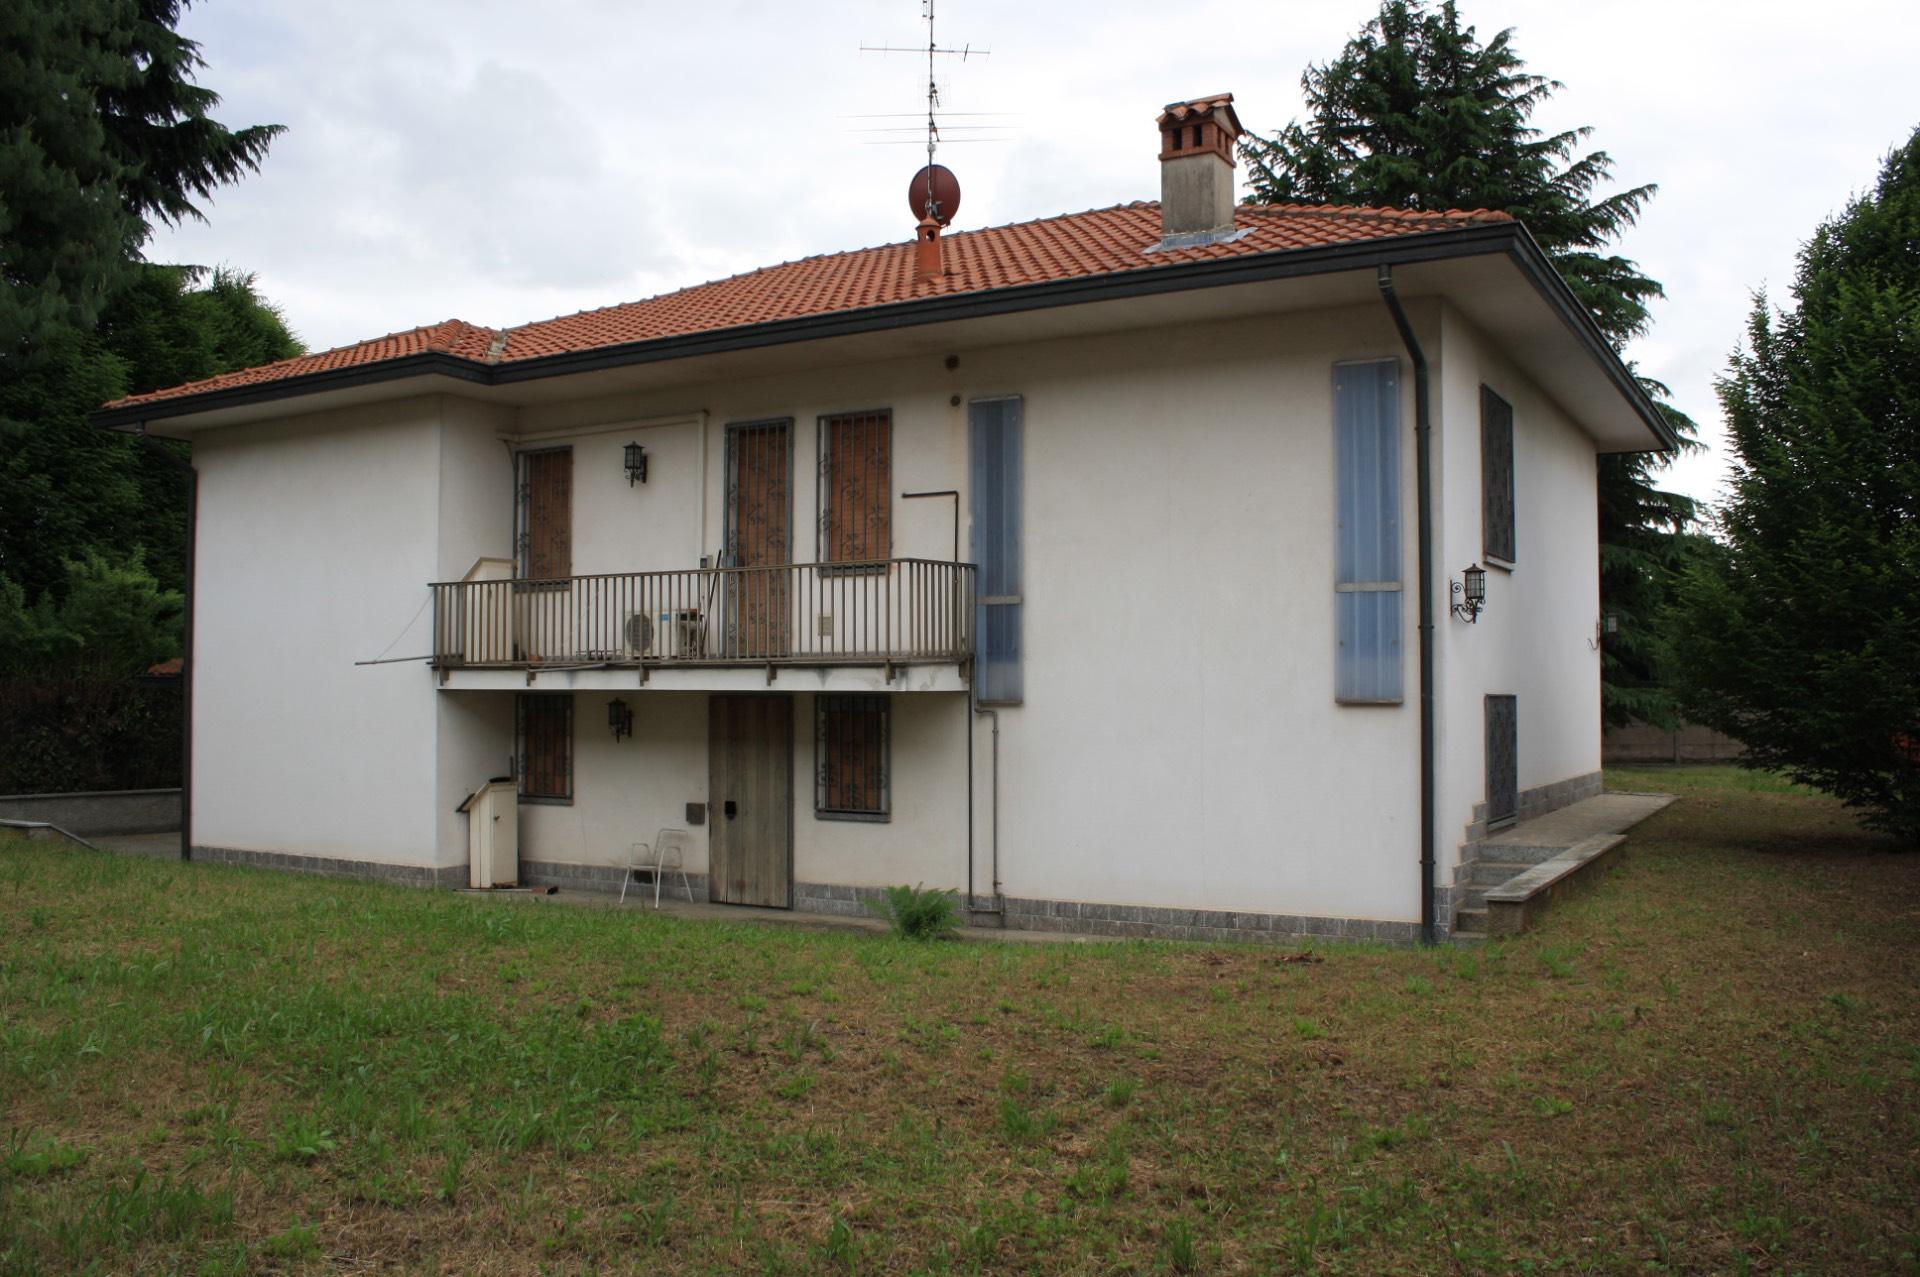 Villa in vendita a Vittuone, 5 locali, prezzo € 380.000 | Cambio Casa.it